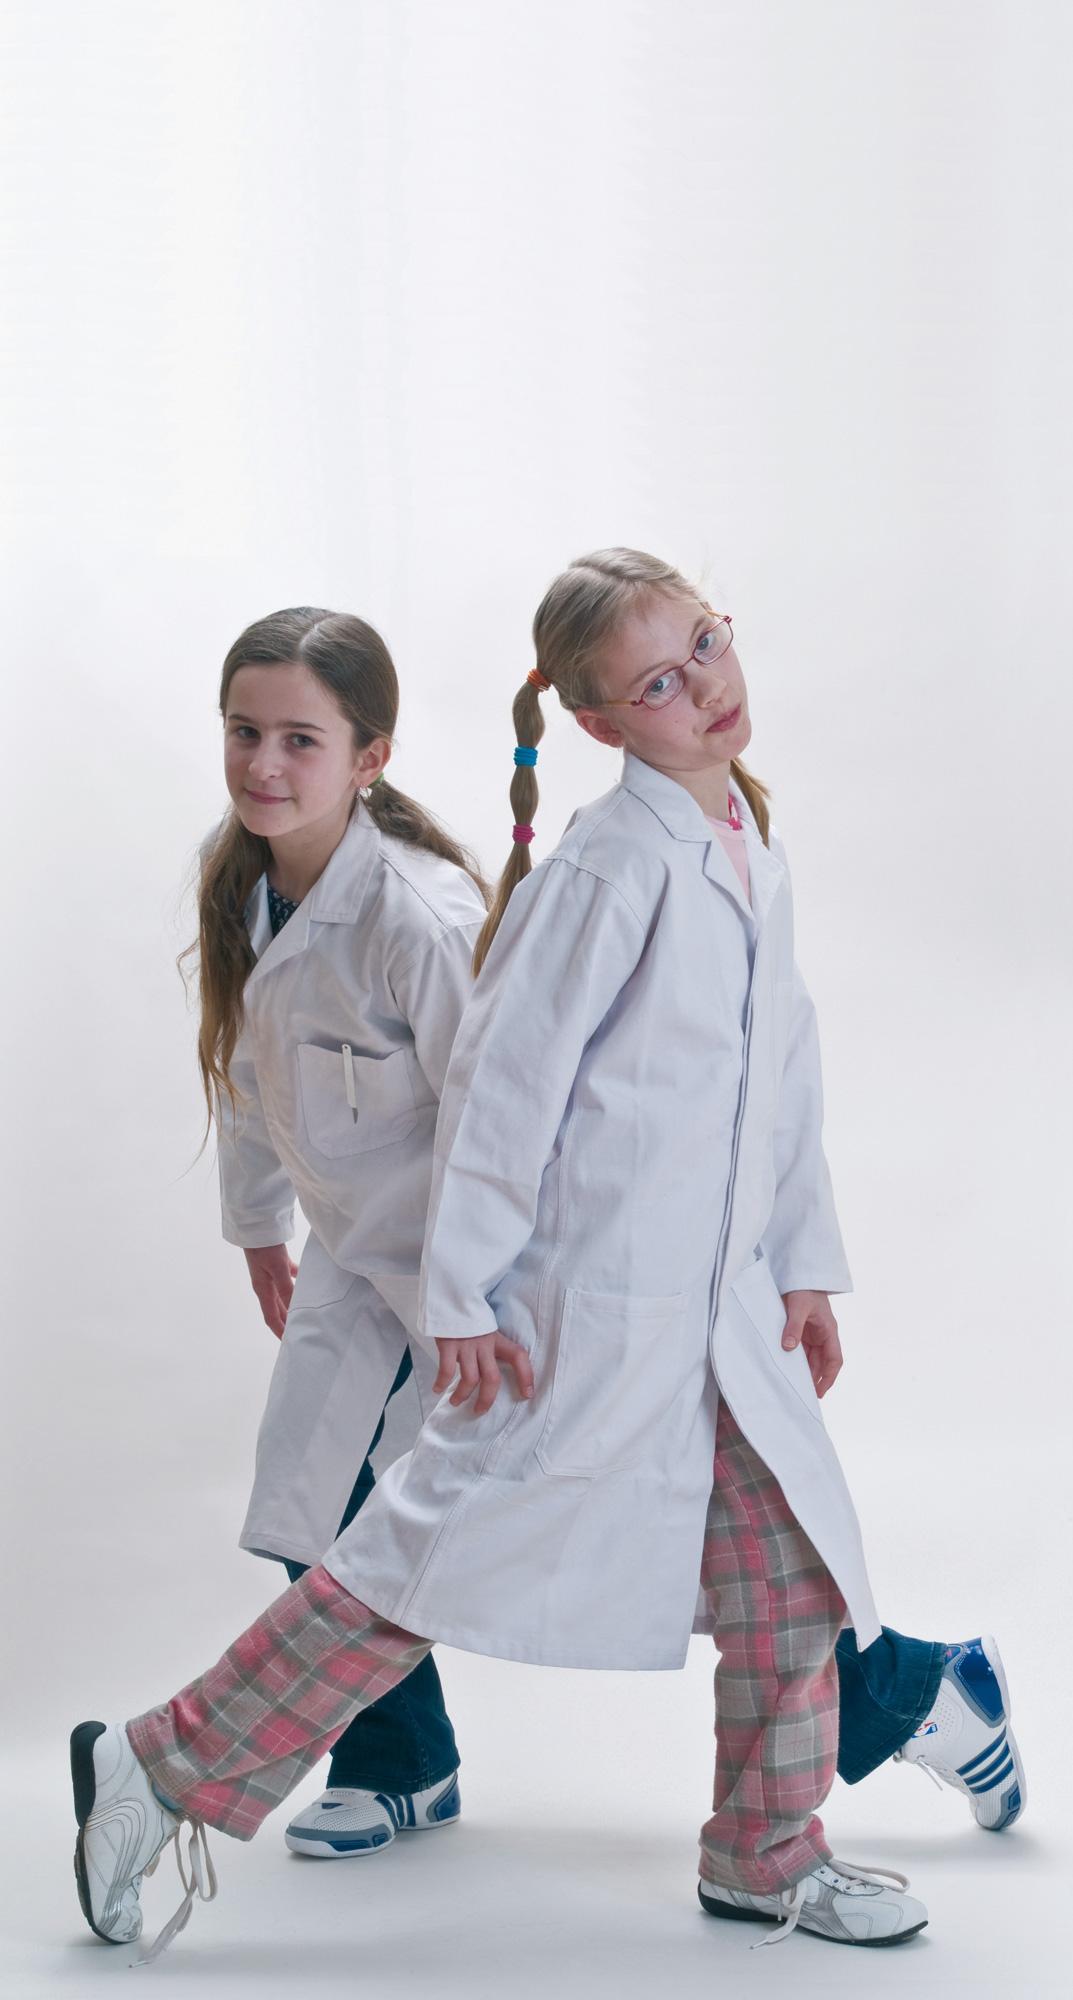 Laborkittel für Kinder   LMS Lehrmittel-Service H.Späth GmbH